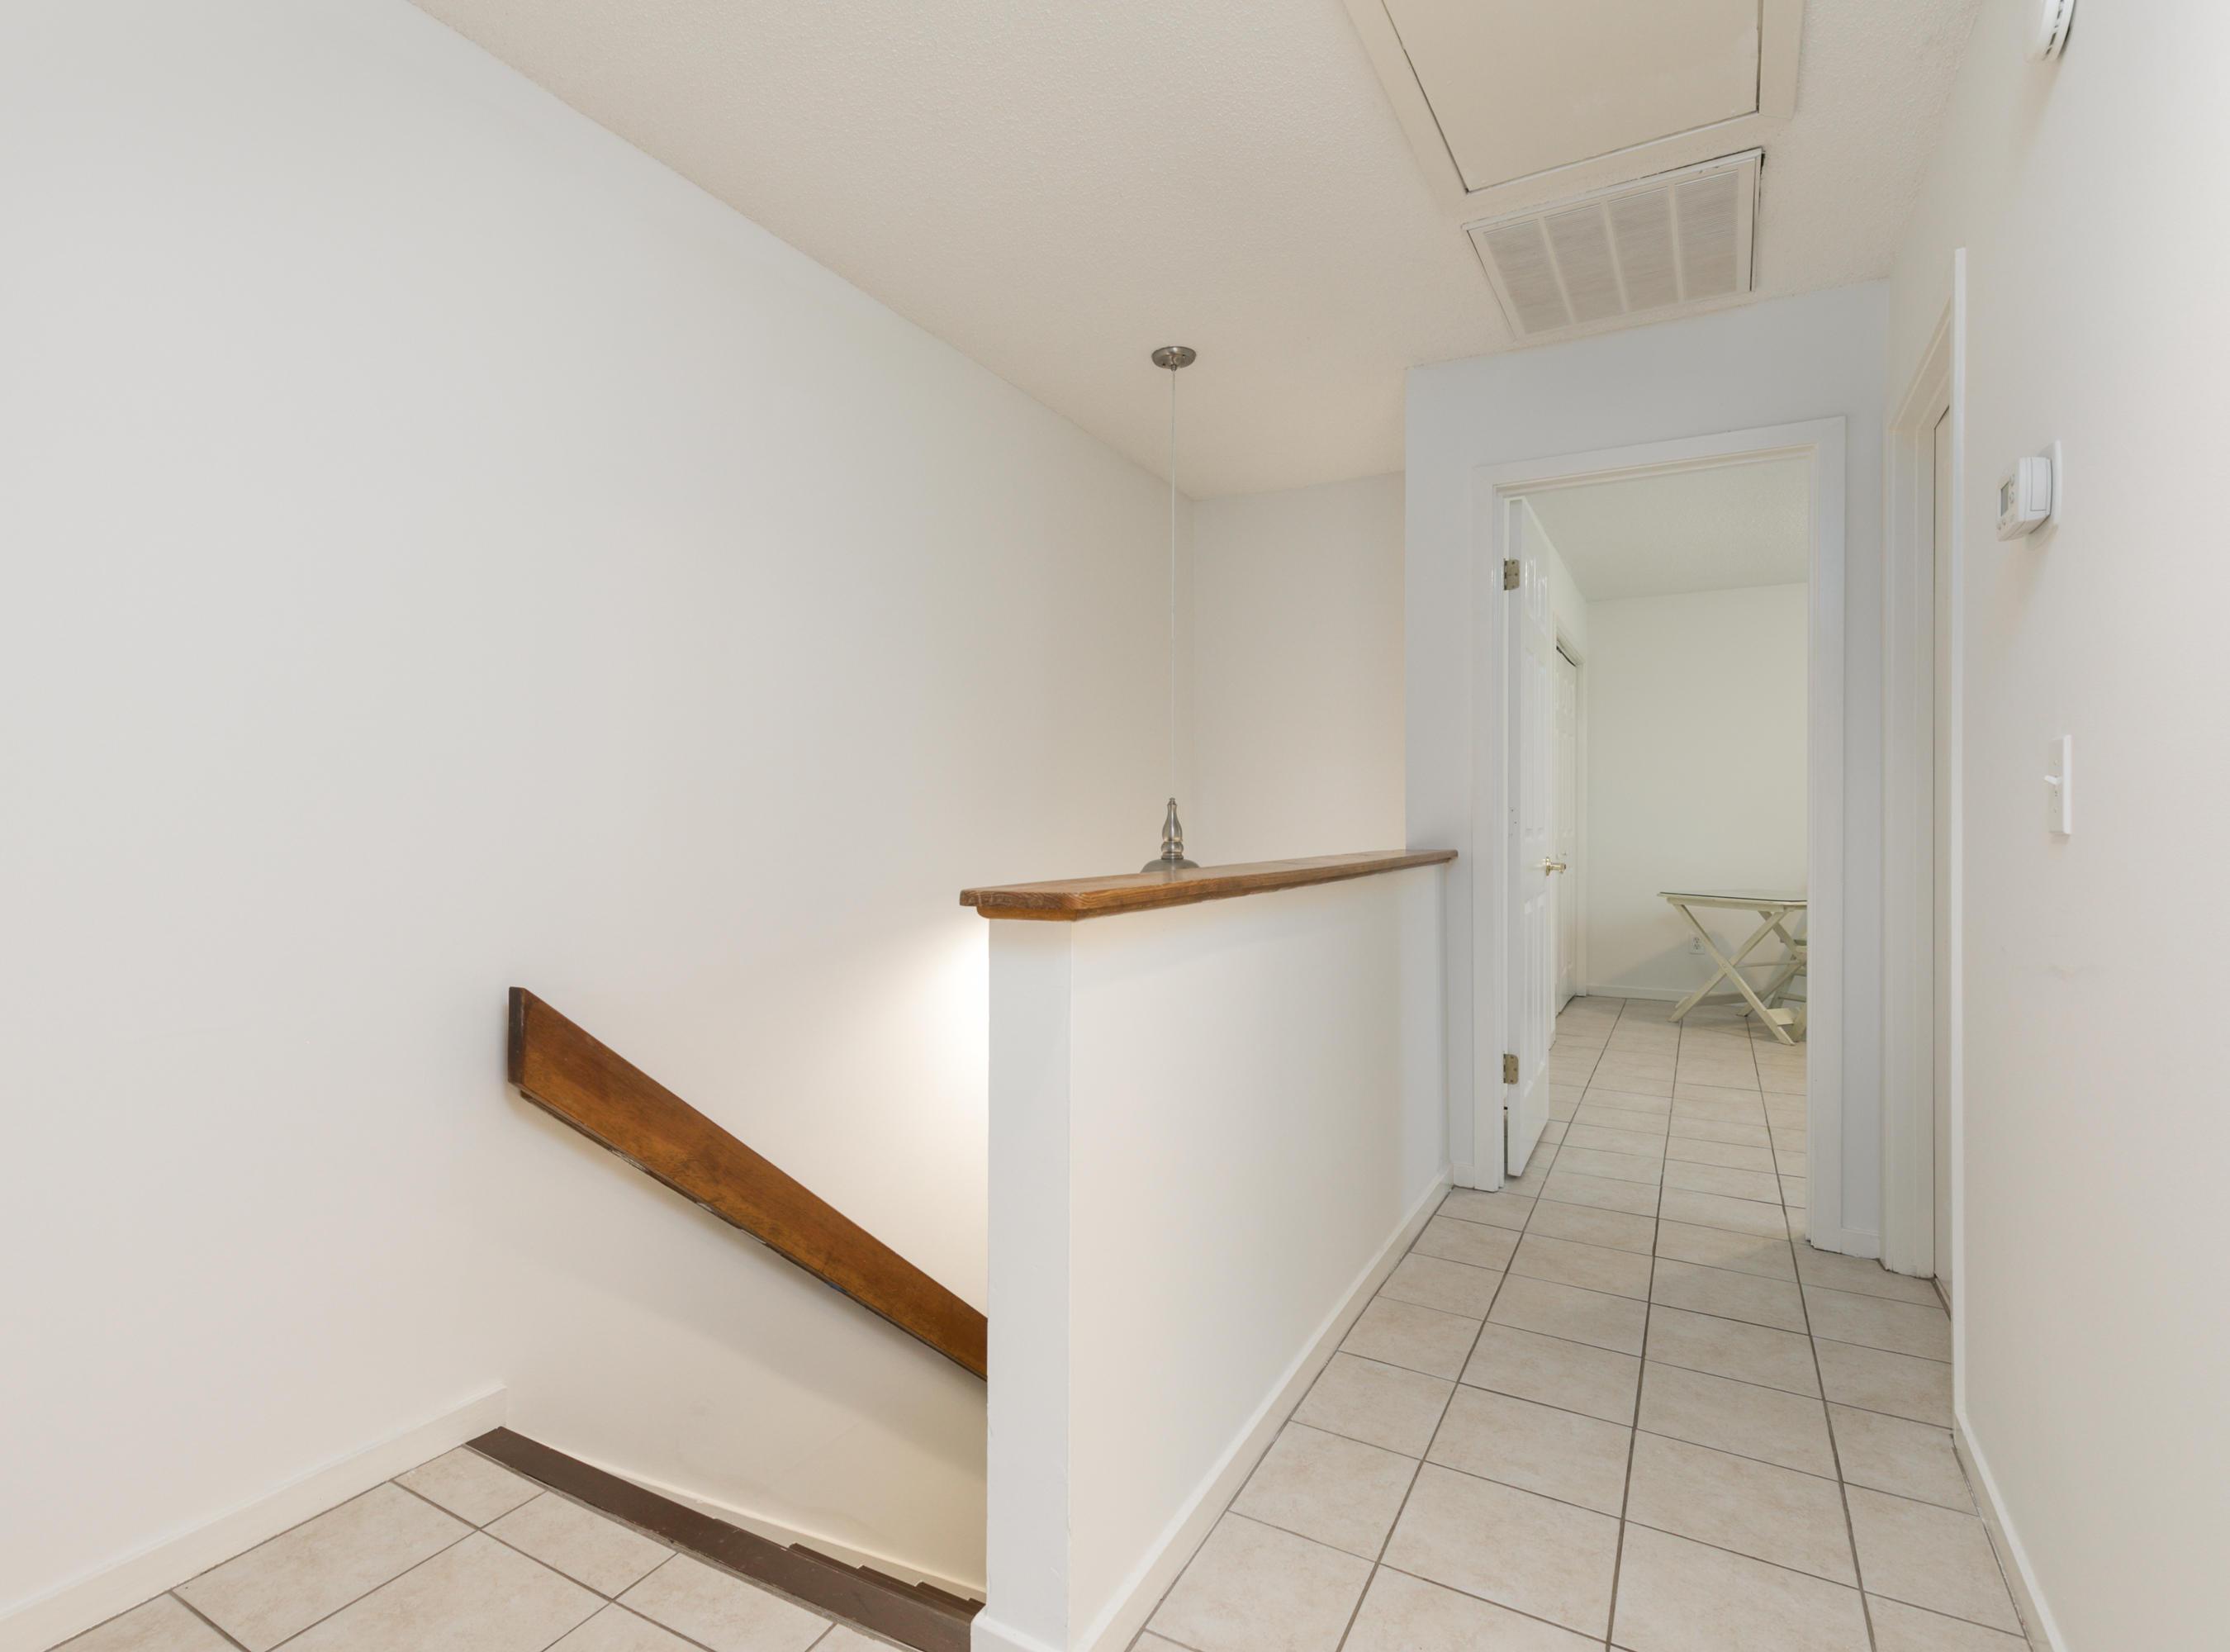 Sandpiper Pointe Homes For Sale - 326 Pelican, Mount Pleasant, SC - 6